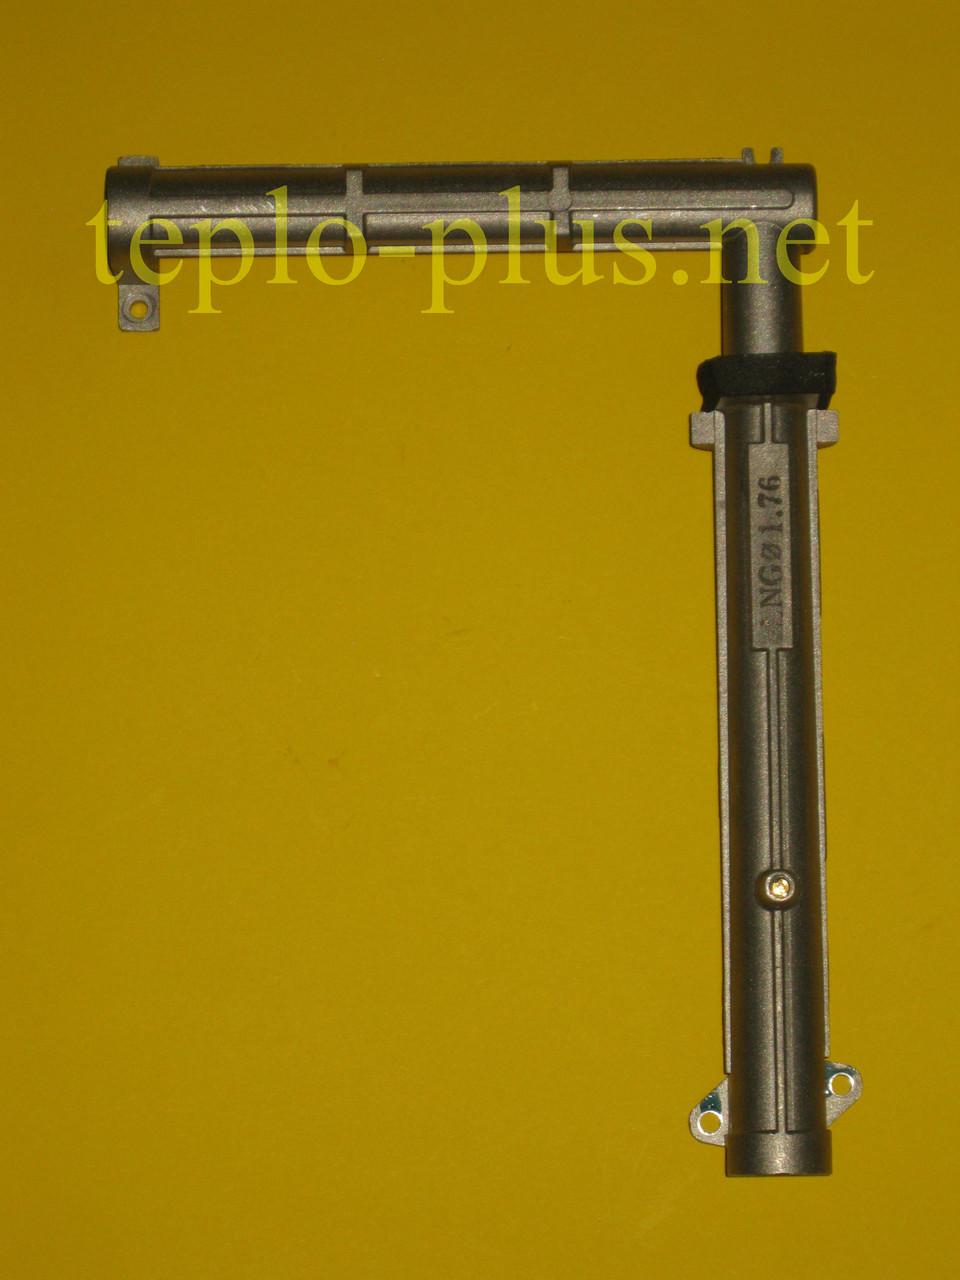 Газовый коллектор горелки Daewoo Gasboiler DGB-130, 160, 200 ICH/KFC/MSC